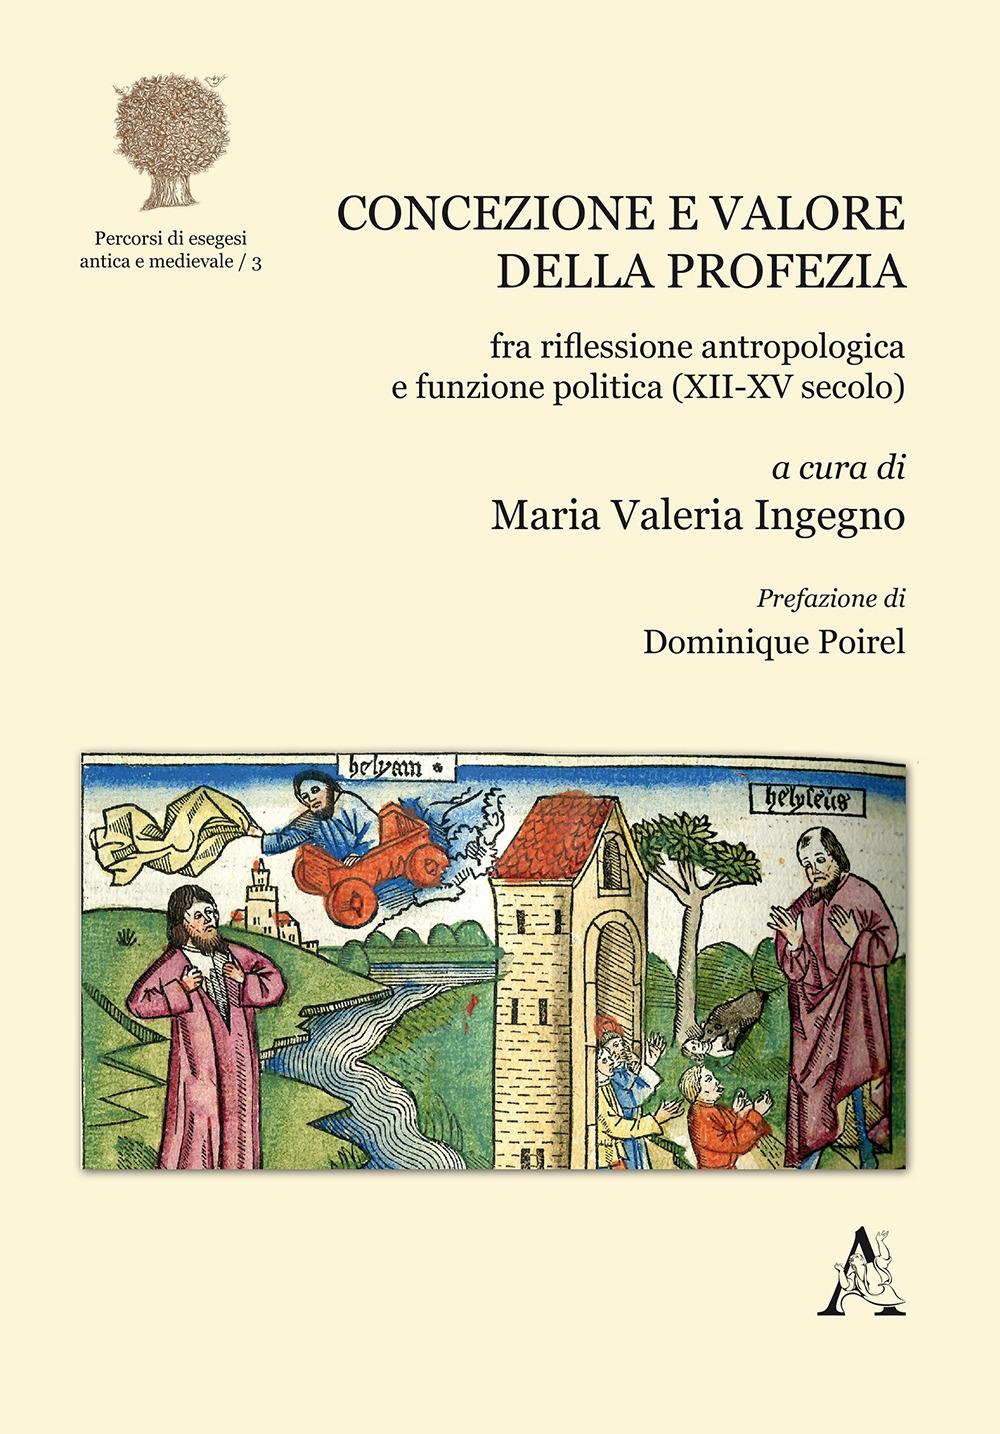 Concezione e valore della profezia fra riflessione antropologica e funzione politica (XII-XV secolo)